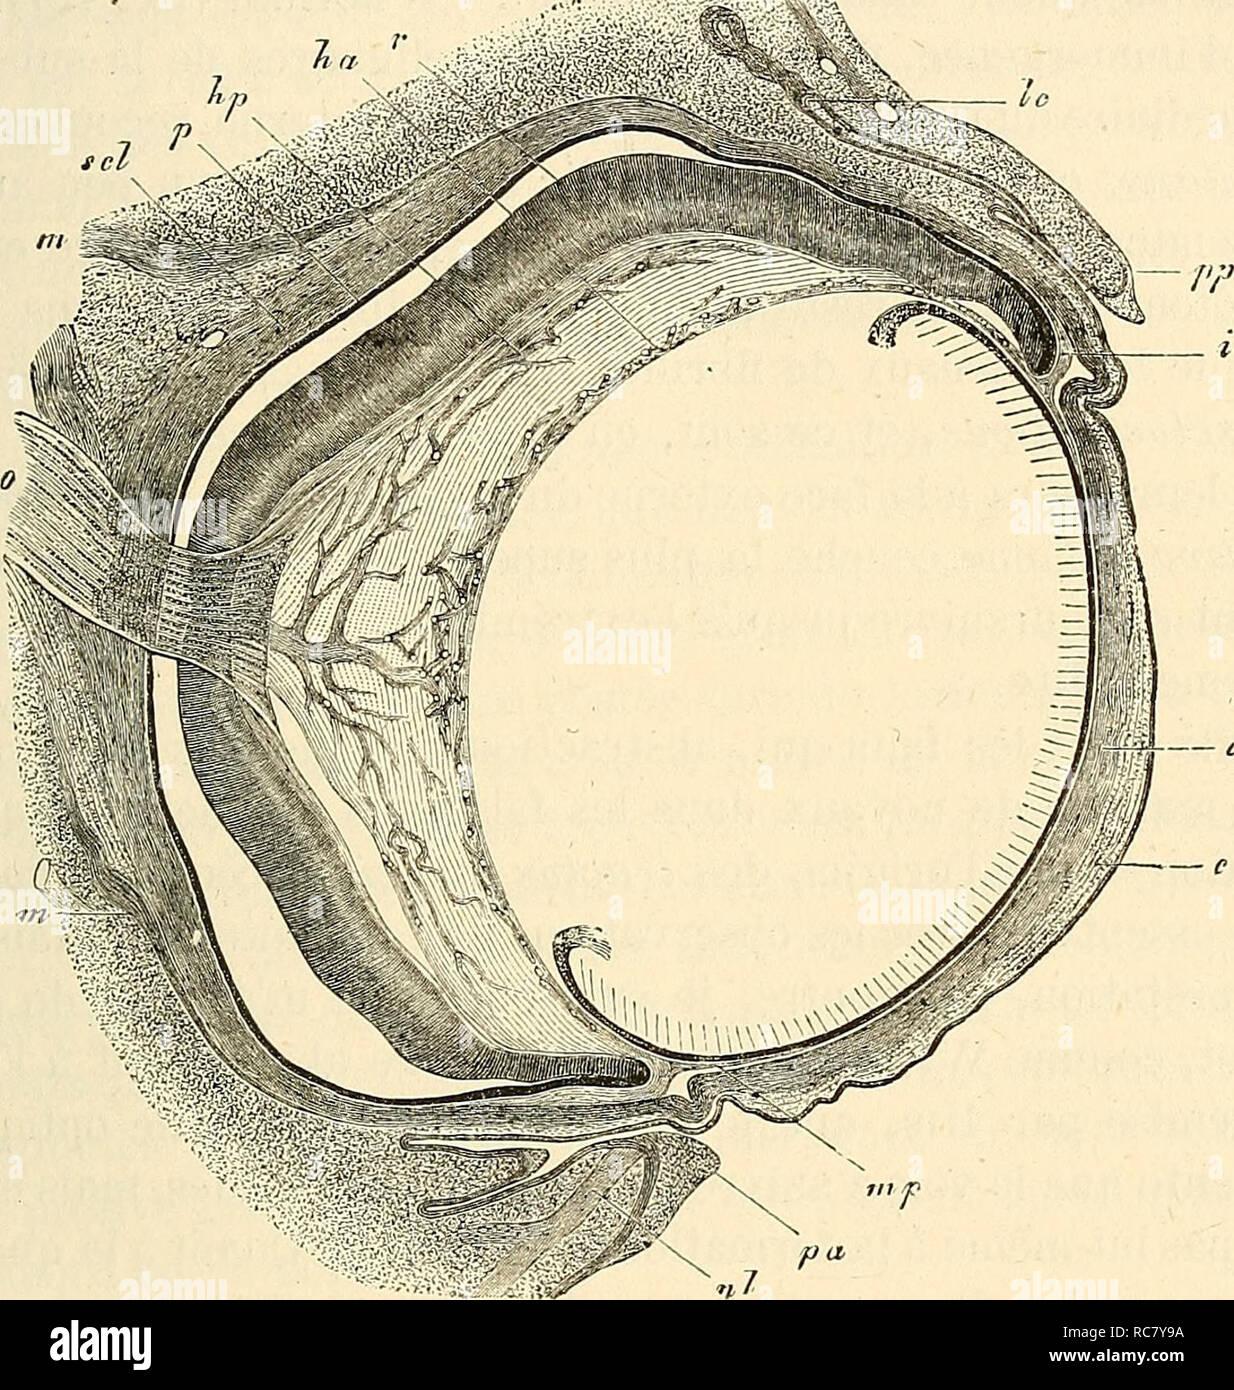 . Embryologie, ou, Traité complet du développement de l'homme et des animaux supérieurs. Embryology; Embryology. RETINE. 713 médiocrement épaisse de cellules mésodermiques plates, en couches concentriques avec de la substance intermédiaire, et à l'intérieur des éléments cellulaires disposés radiairement et unis entre eux de manière à former un treillis délicat dont les lacunes sont dirigées longitudinalement. Dans les lacunes de ce treillis il y a, d'une part, un grand nombre de petits faisceaux épais de 7 à 15 ;j. de fibrilles. Fie;. 127. nerveuses optiques des plus fines, sans Stock Photo